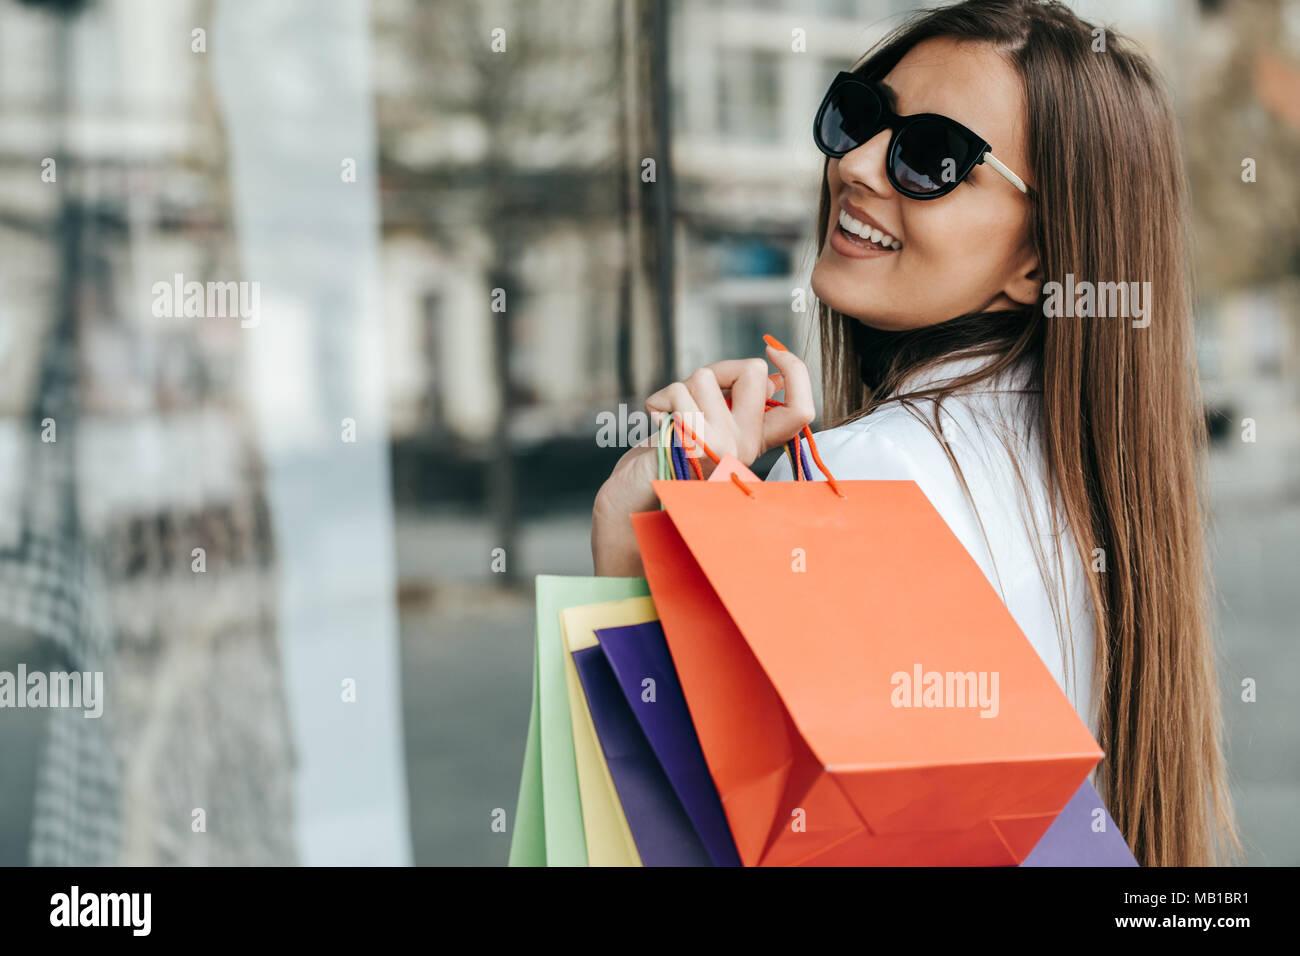 Bella giovane donna all aperto con abbondanza di borse per lo shopping.  Ritratto di giovane donna shopping in vestiti alla moda con sorpresa di  fronte. 4aa68ce5623